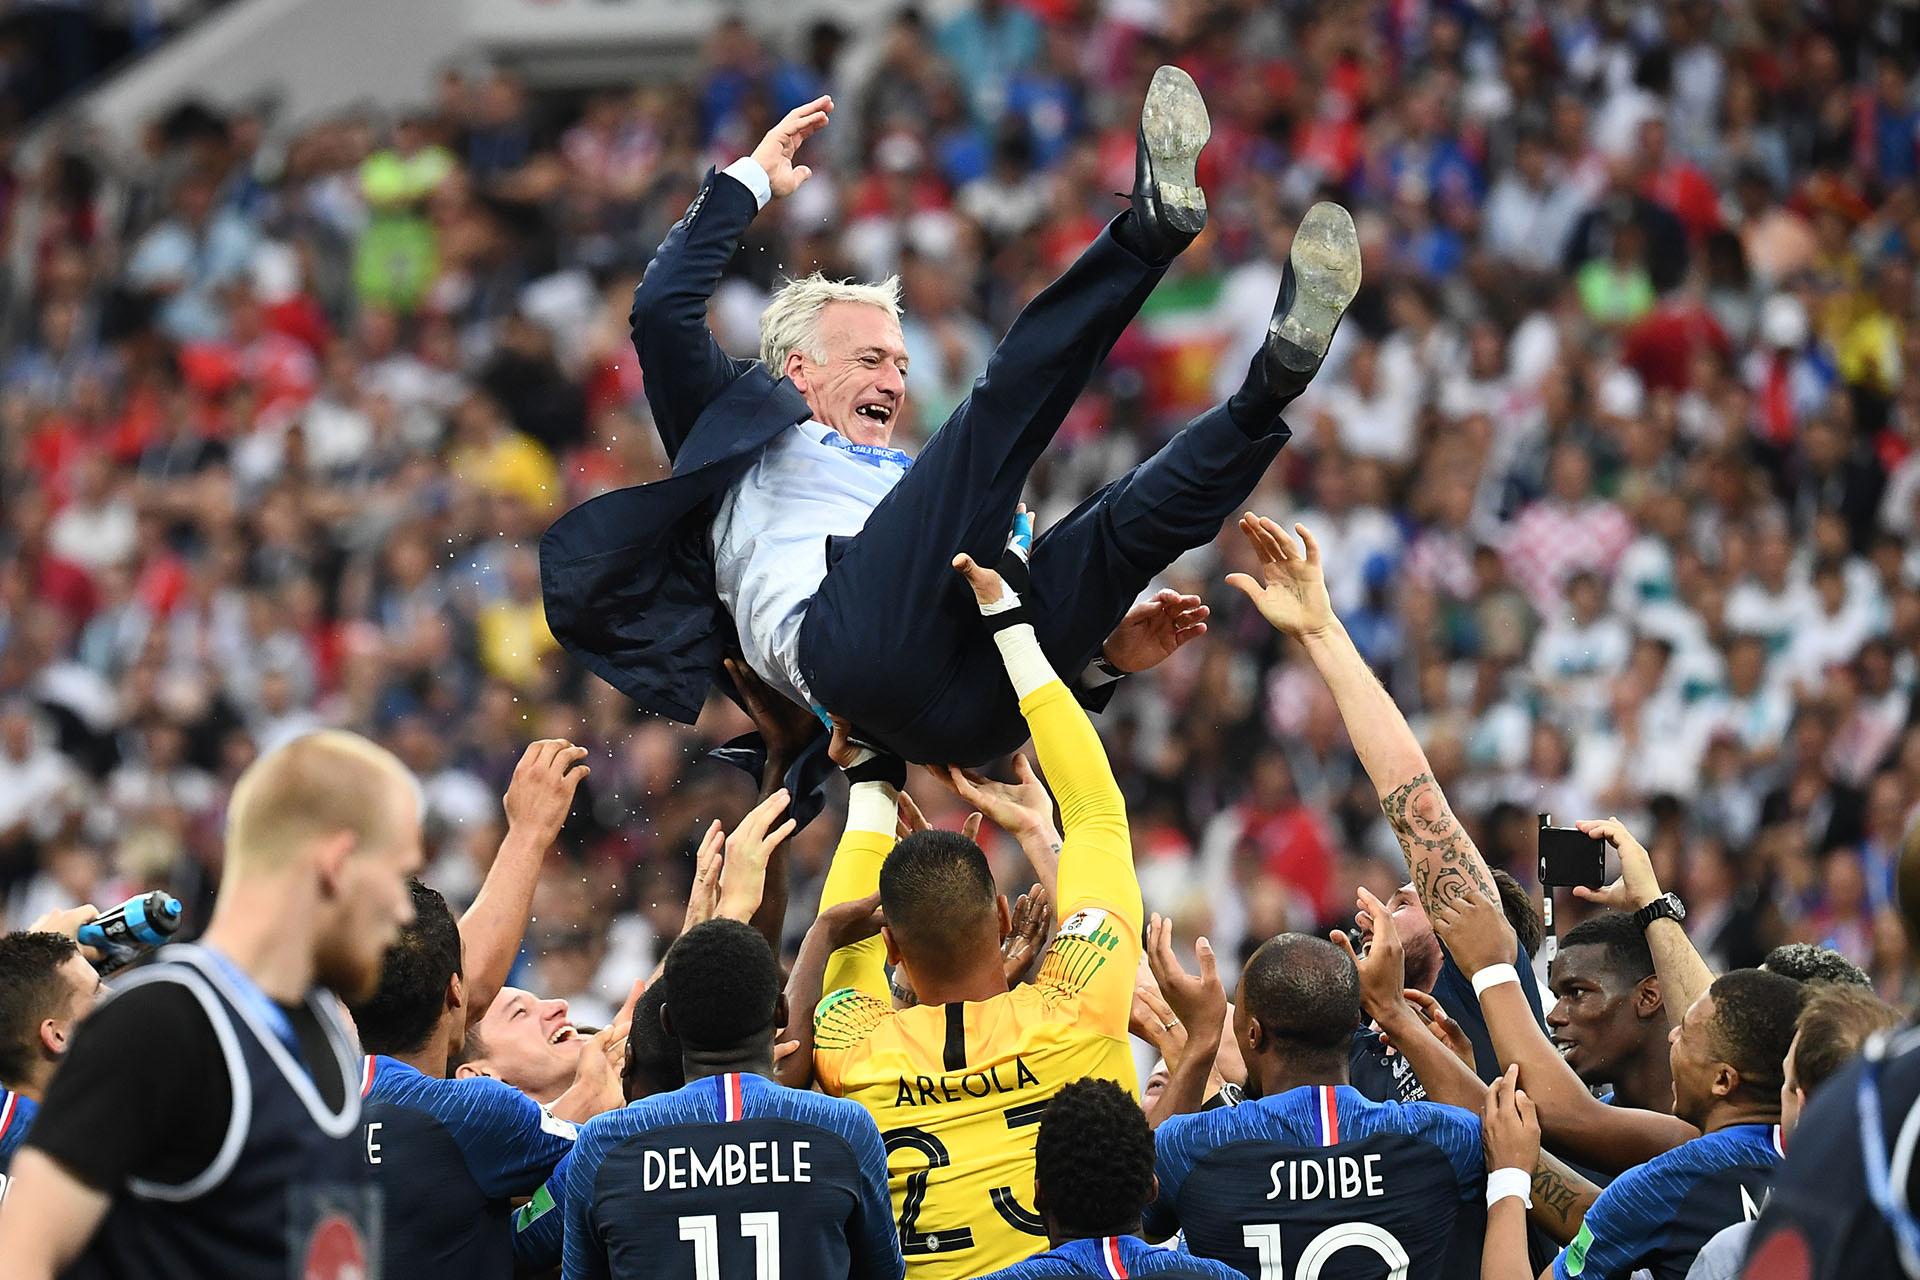 Imagen clásica de los entrenadores campeones del mundo: Didier Deschamps es lanzado por sus dirigidos